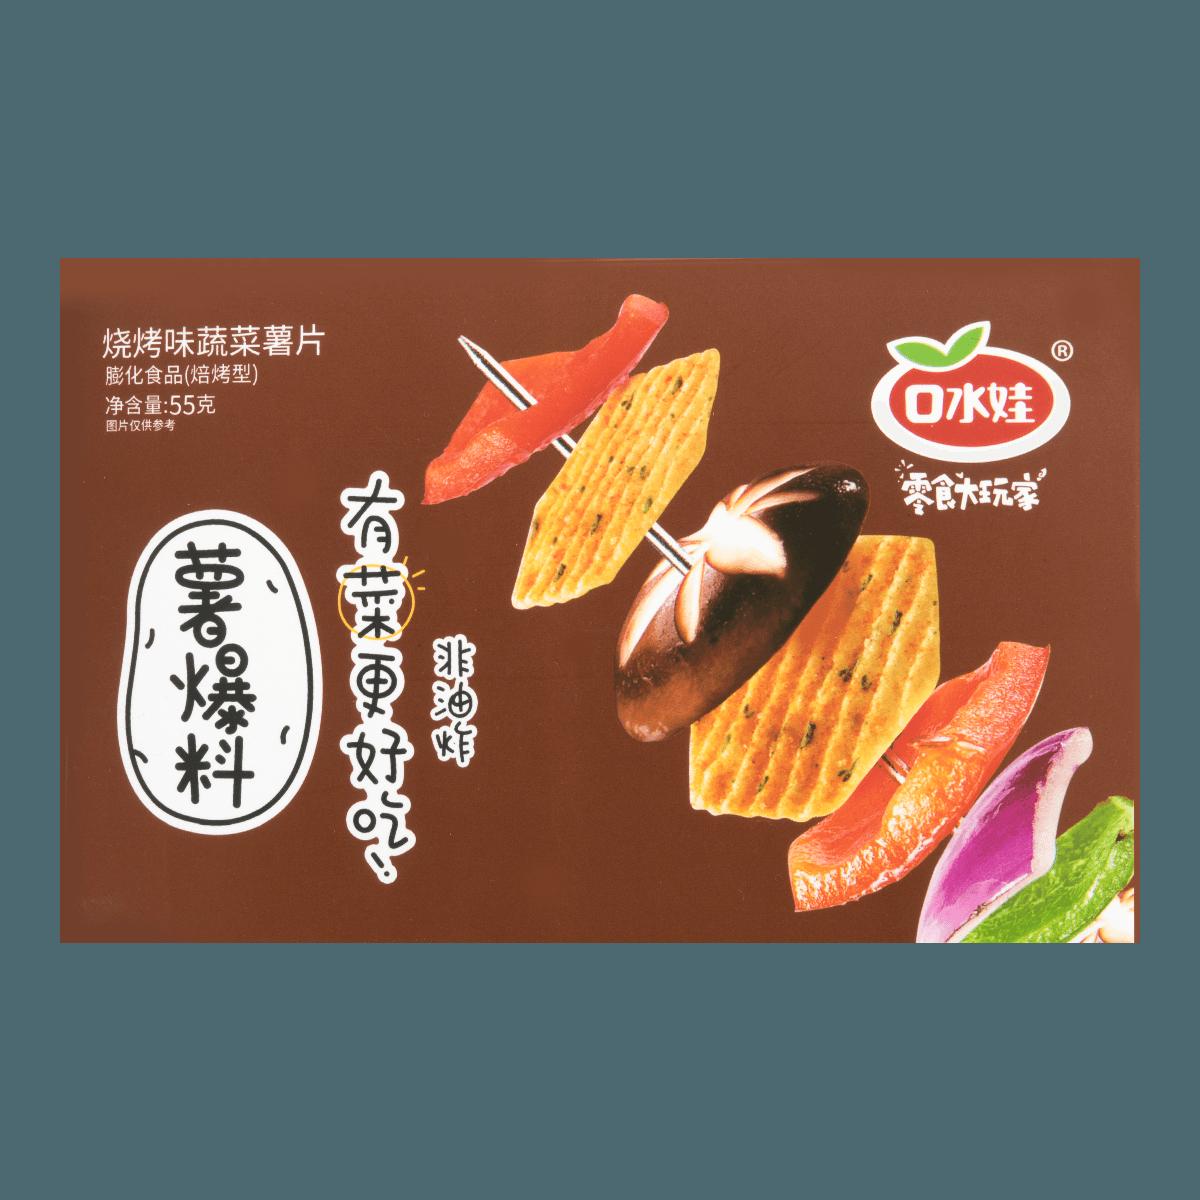 口水娃 薯爆料 非油炸 烧烤味蔬菜薯片 55g